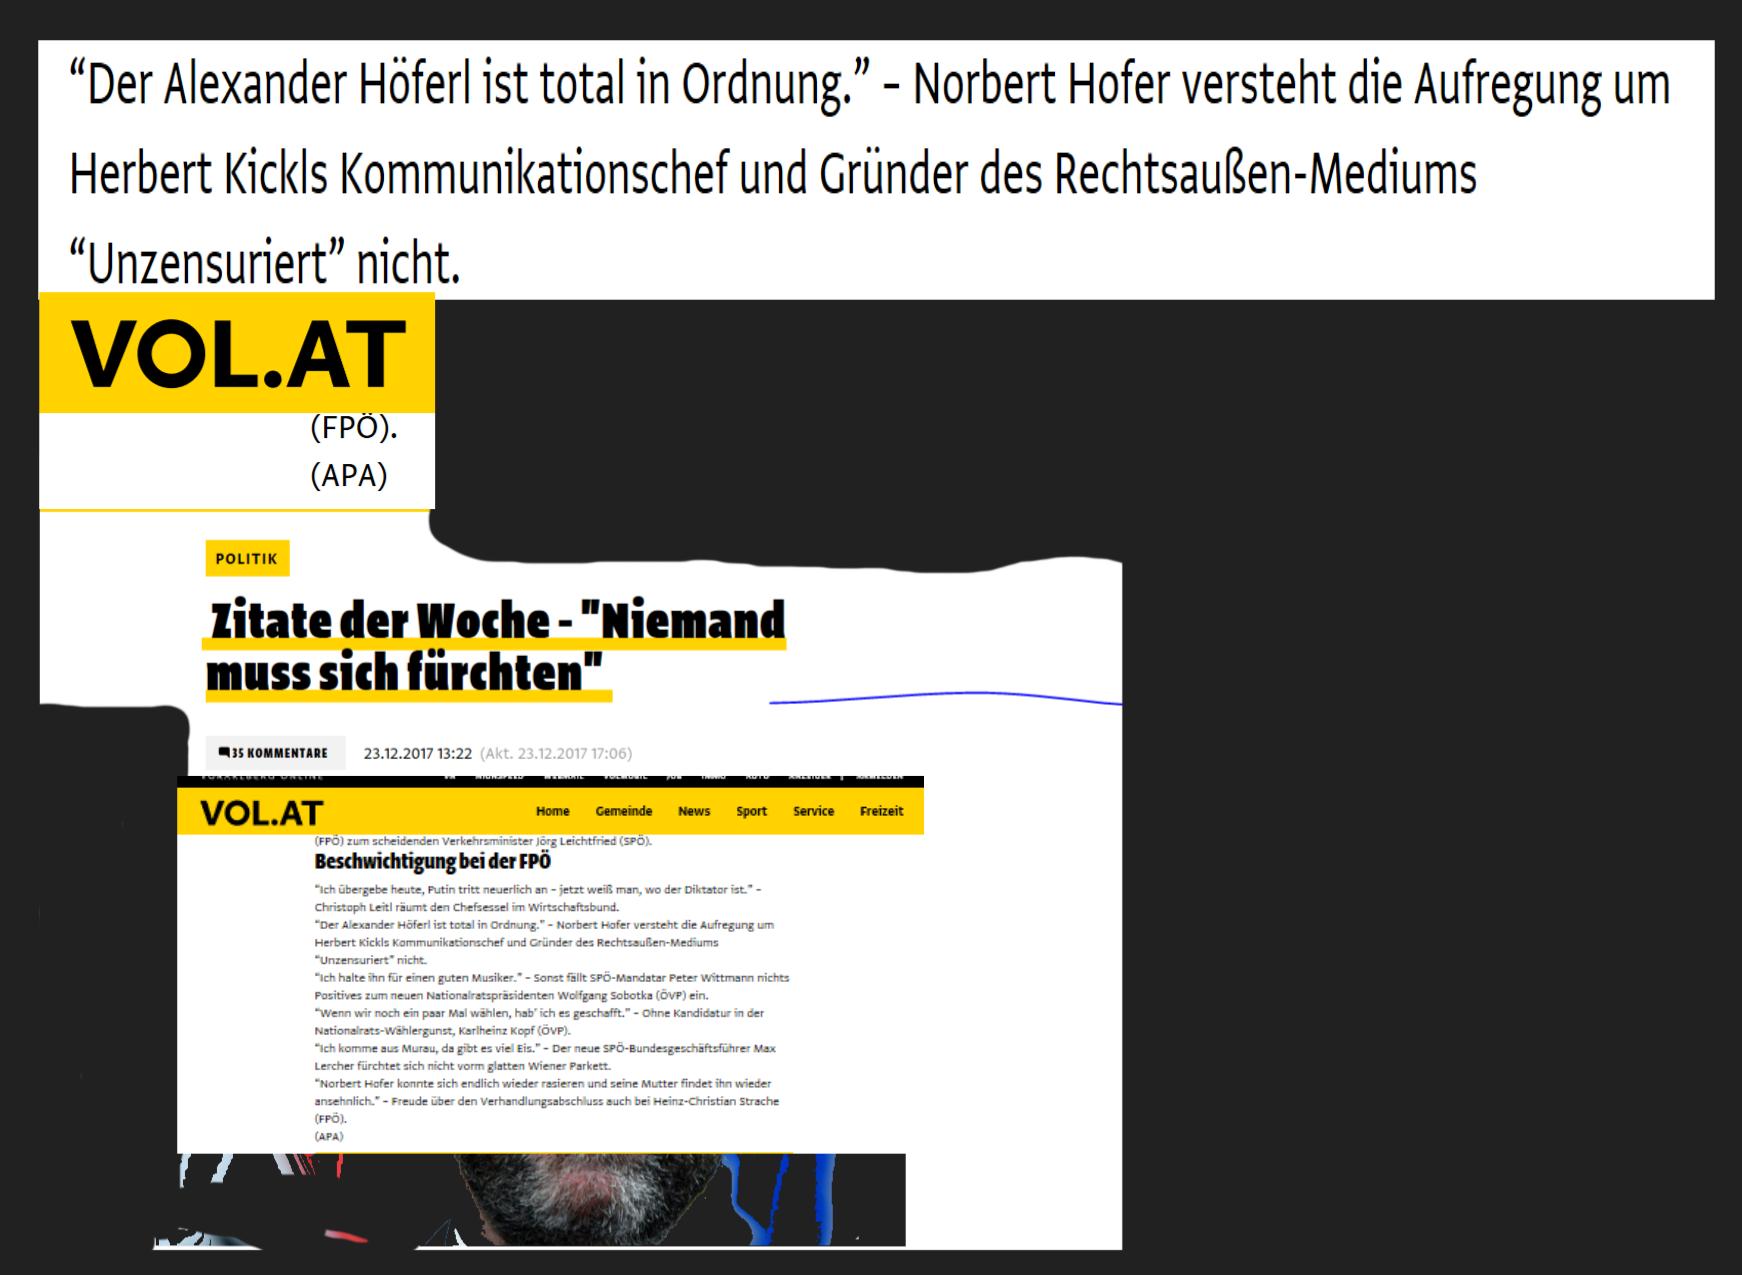 Für Norbert Hofer ist Nichtgründer Alexander Höferl total in Ordnung